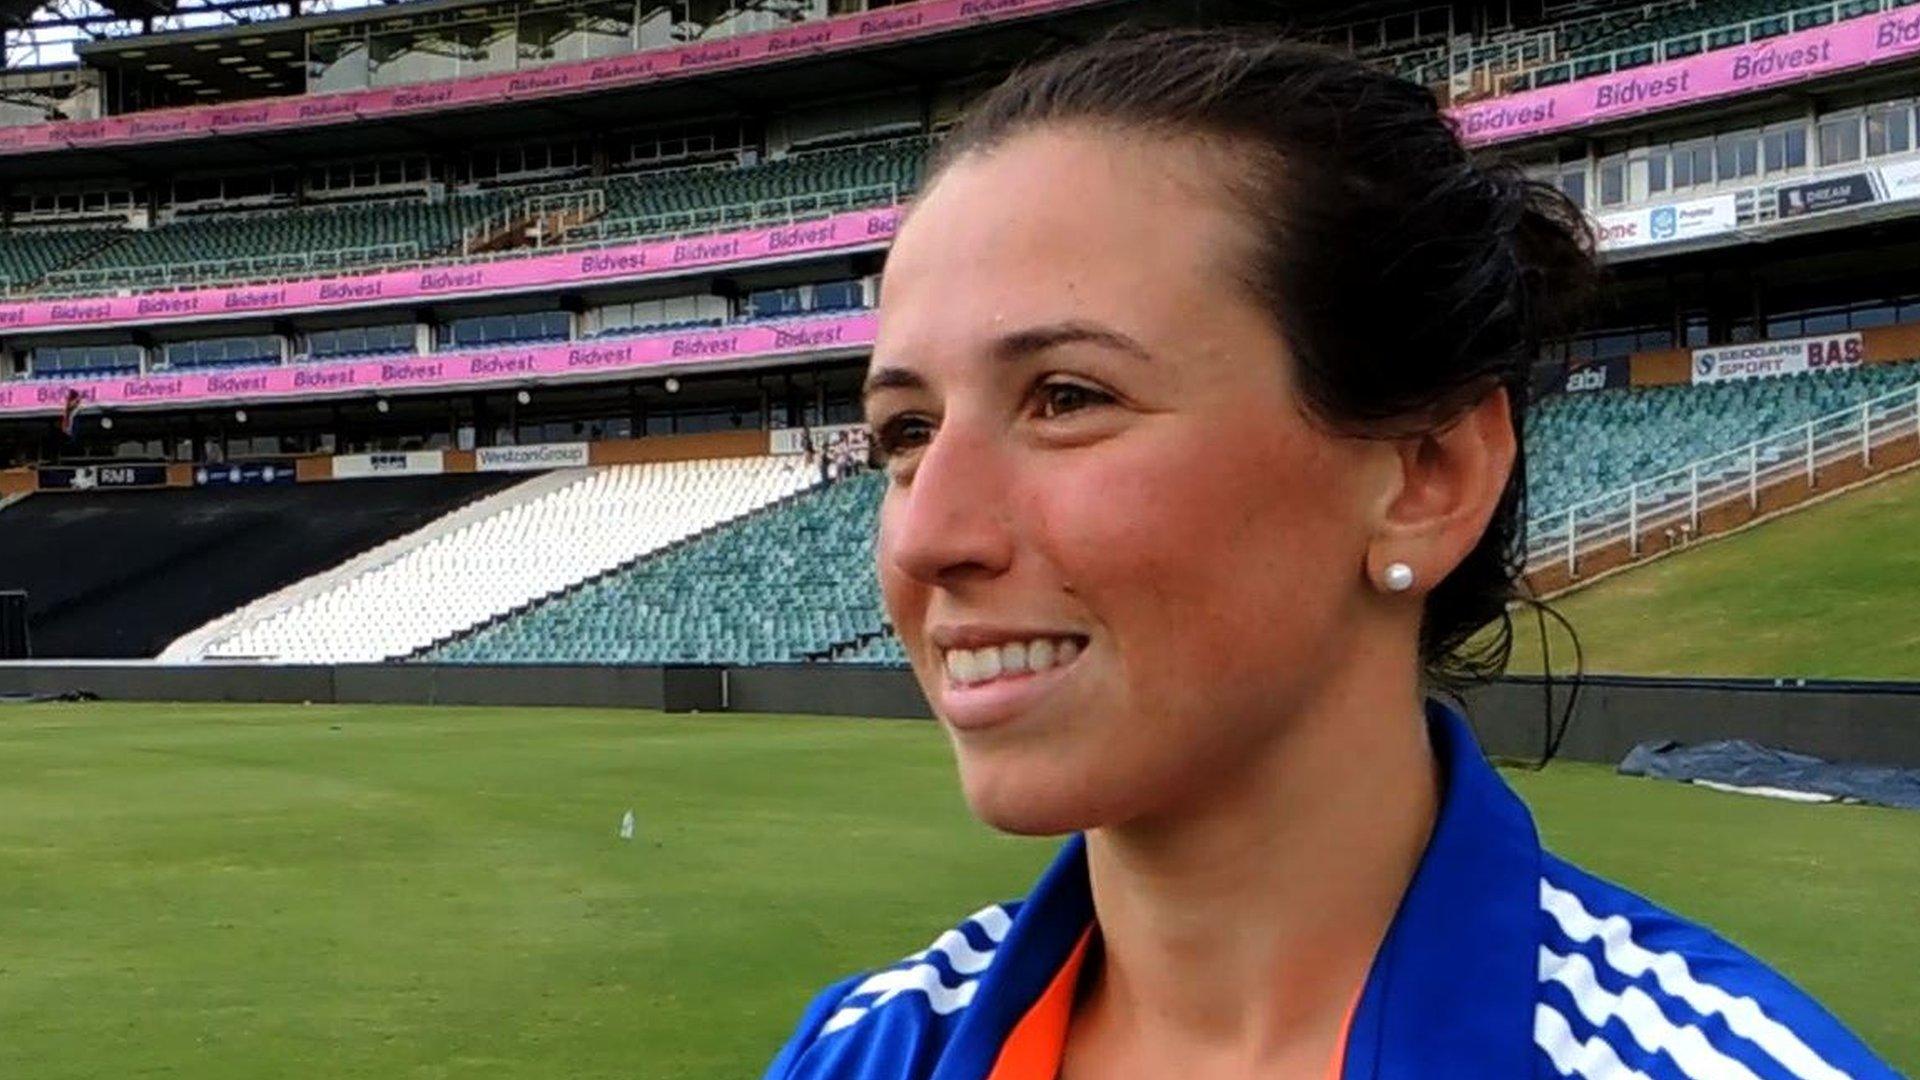 England all-rounder Georgia Elwiss